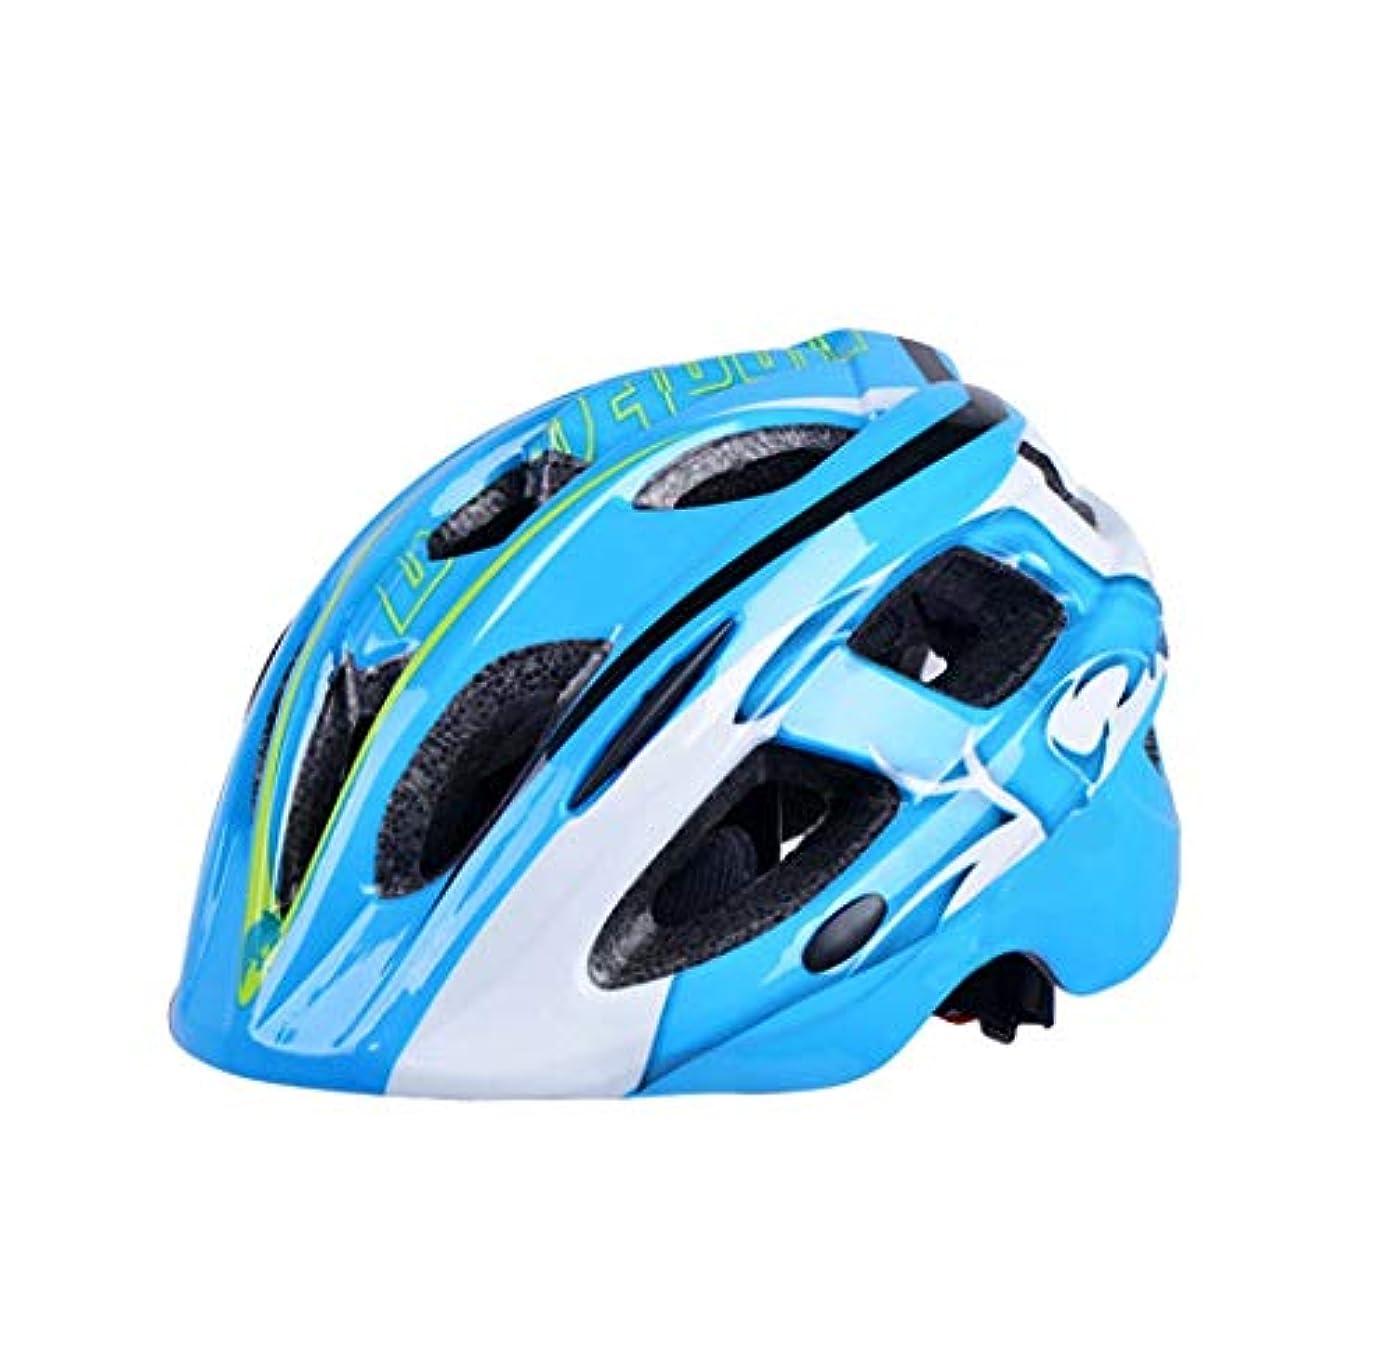 ワイン浸漬アジア人自転車ヘルメット, 軽量ライディングヘルメット PC 屋外サイクリングヘルメット調整しやすいユニセックス大人スポーツヘルメット